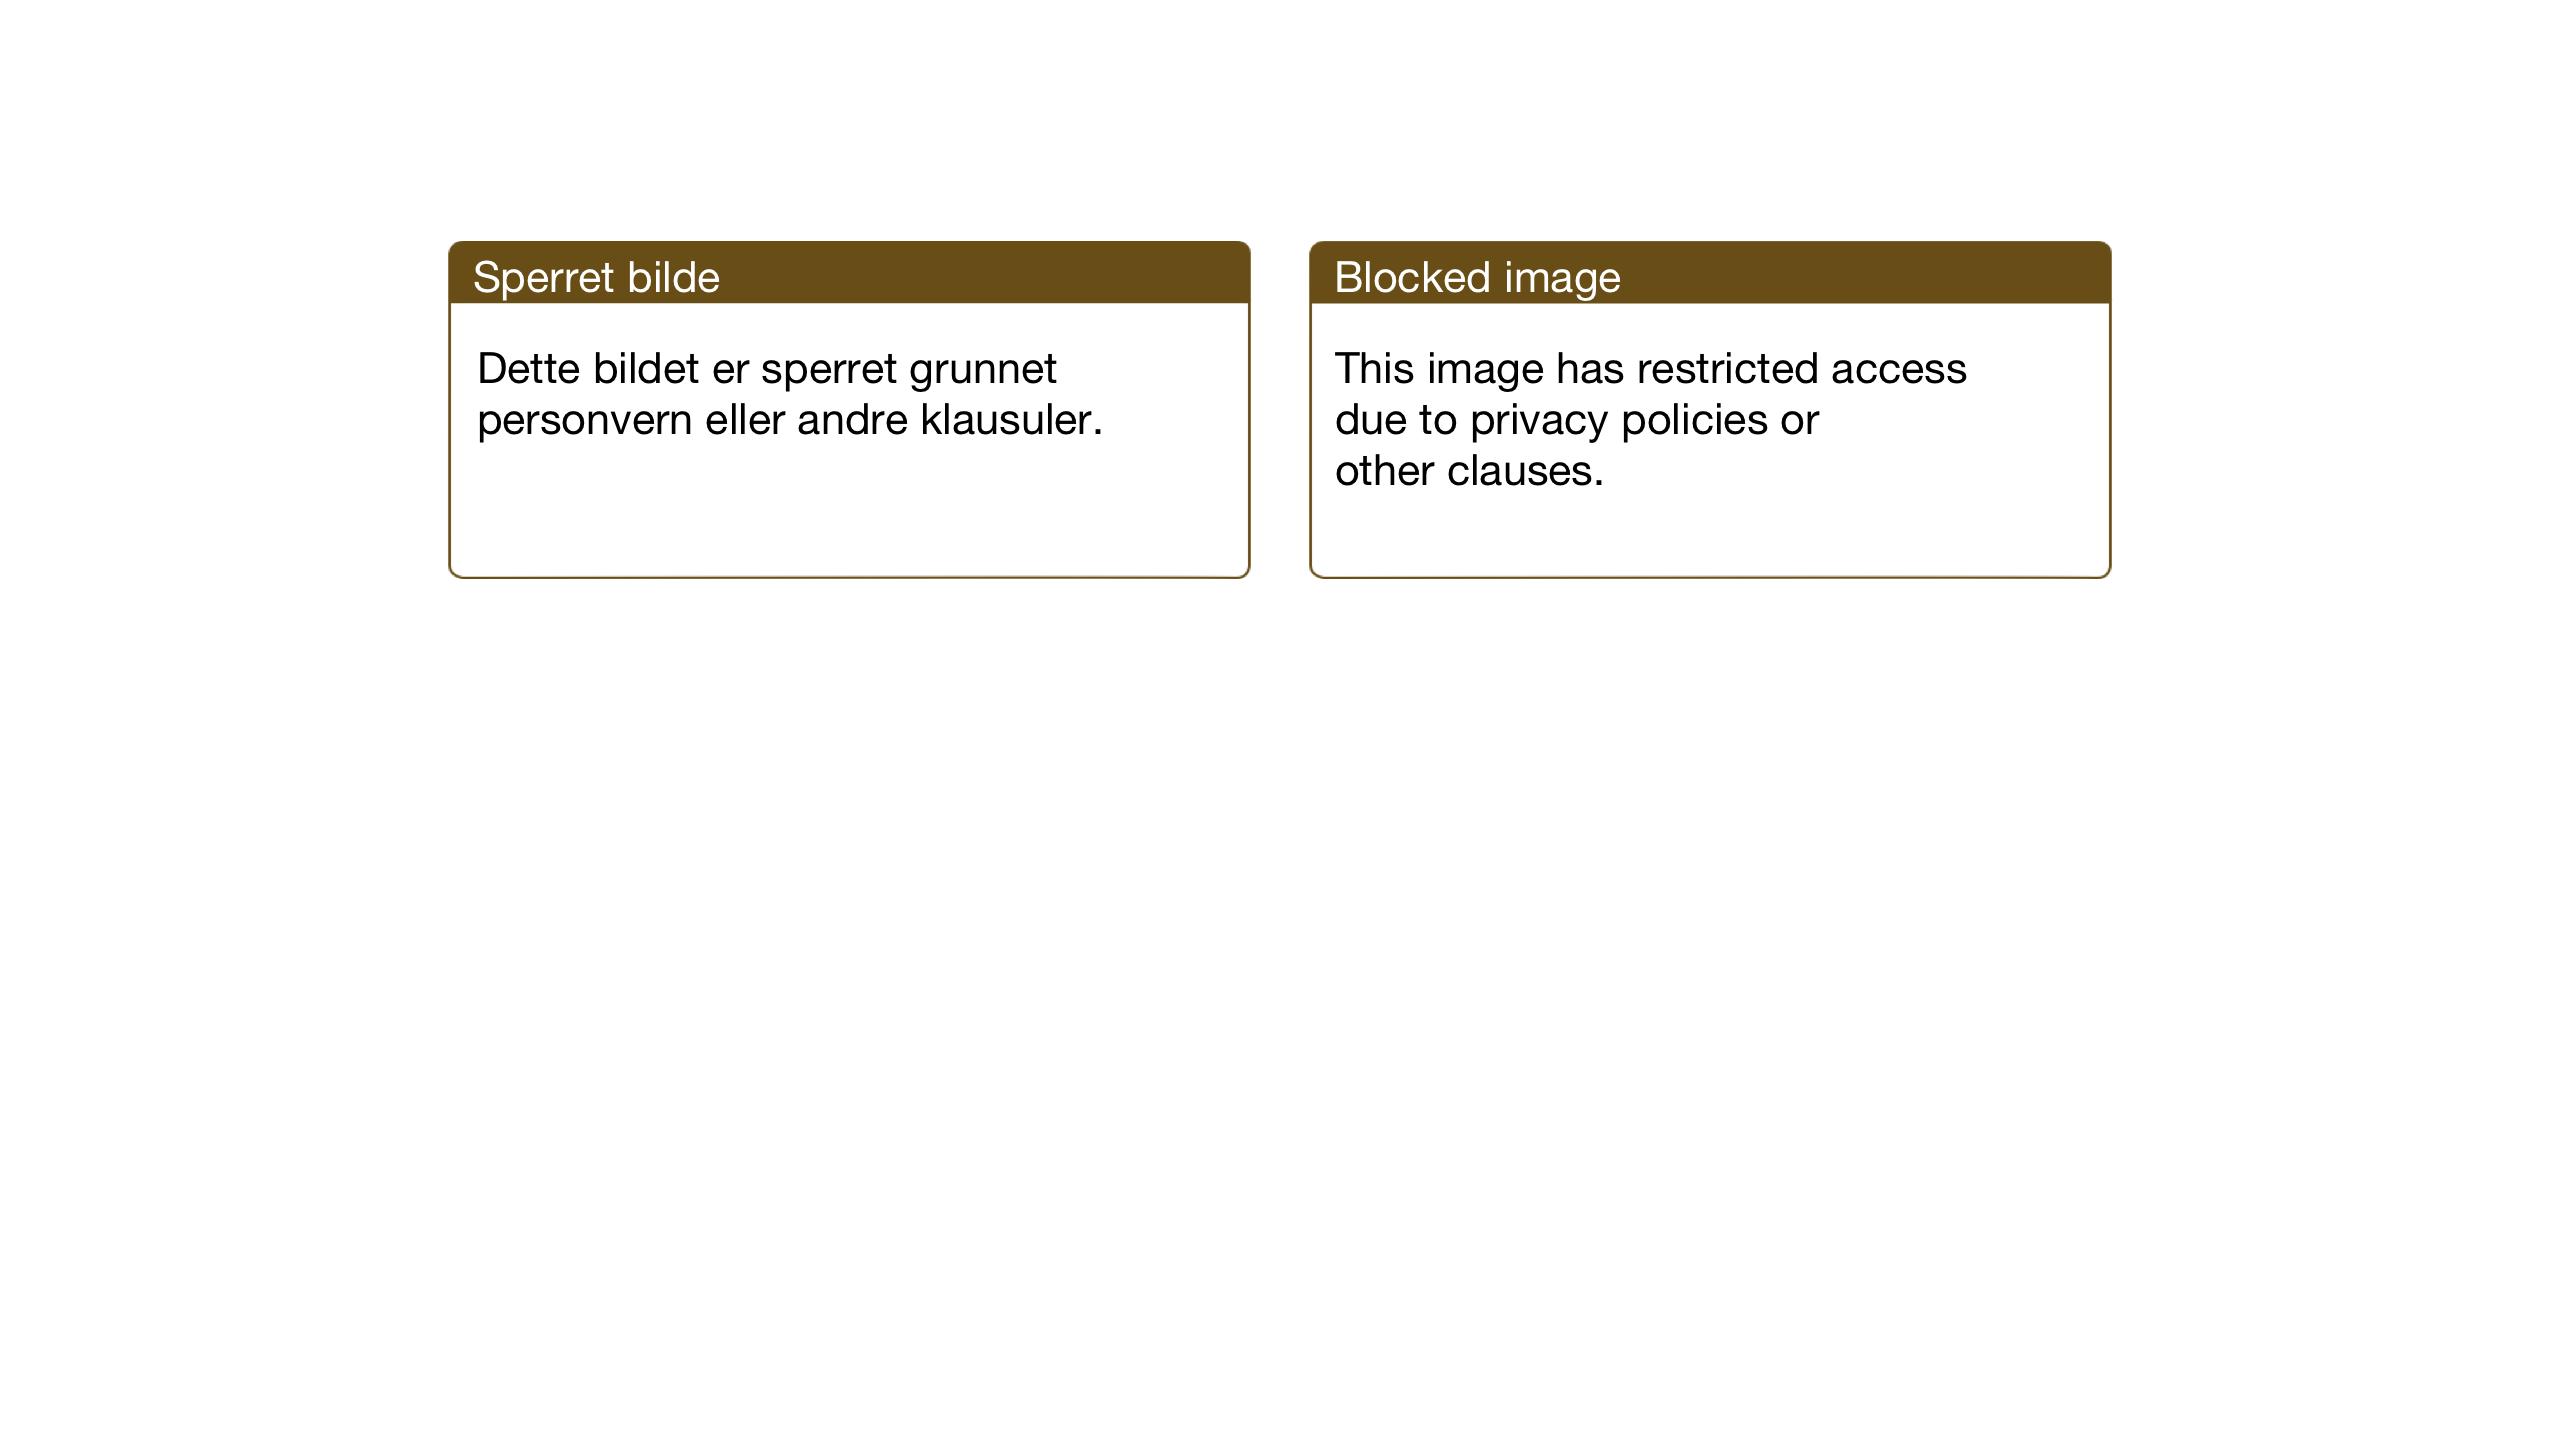 SAT, Ministerialprotokoller, klokkerbøker og fødselsregistre - Nord-Trøndelag, 748/L0465: Klokkerbok nr. 748C01, 1908-1960, s. 20